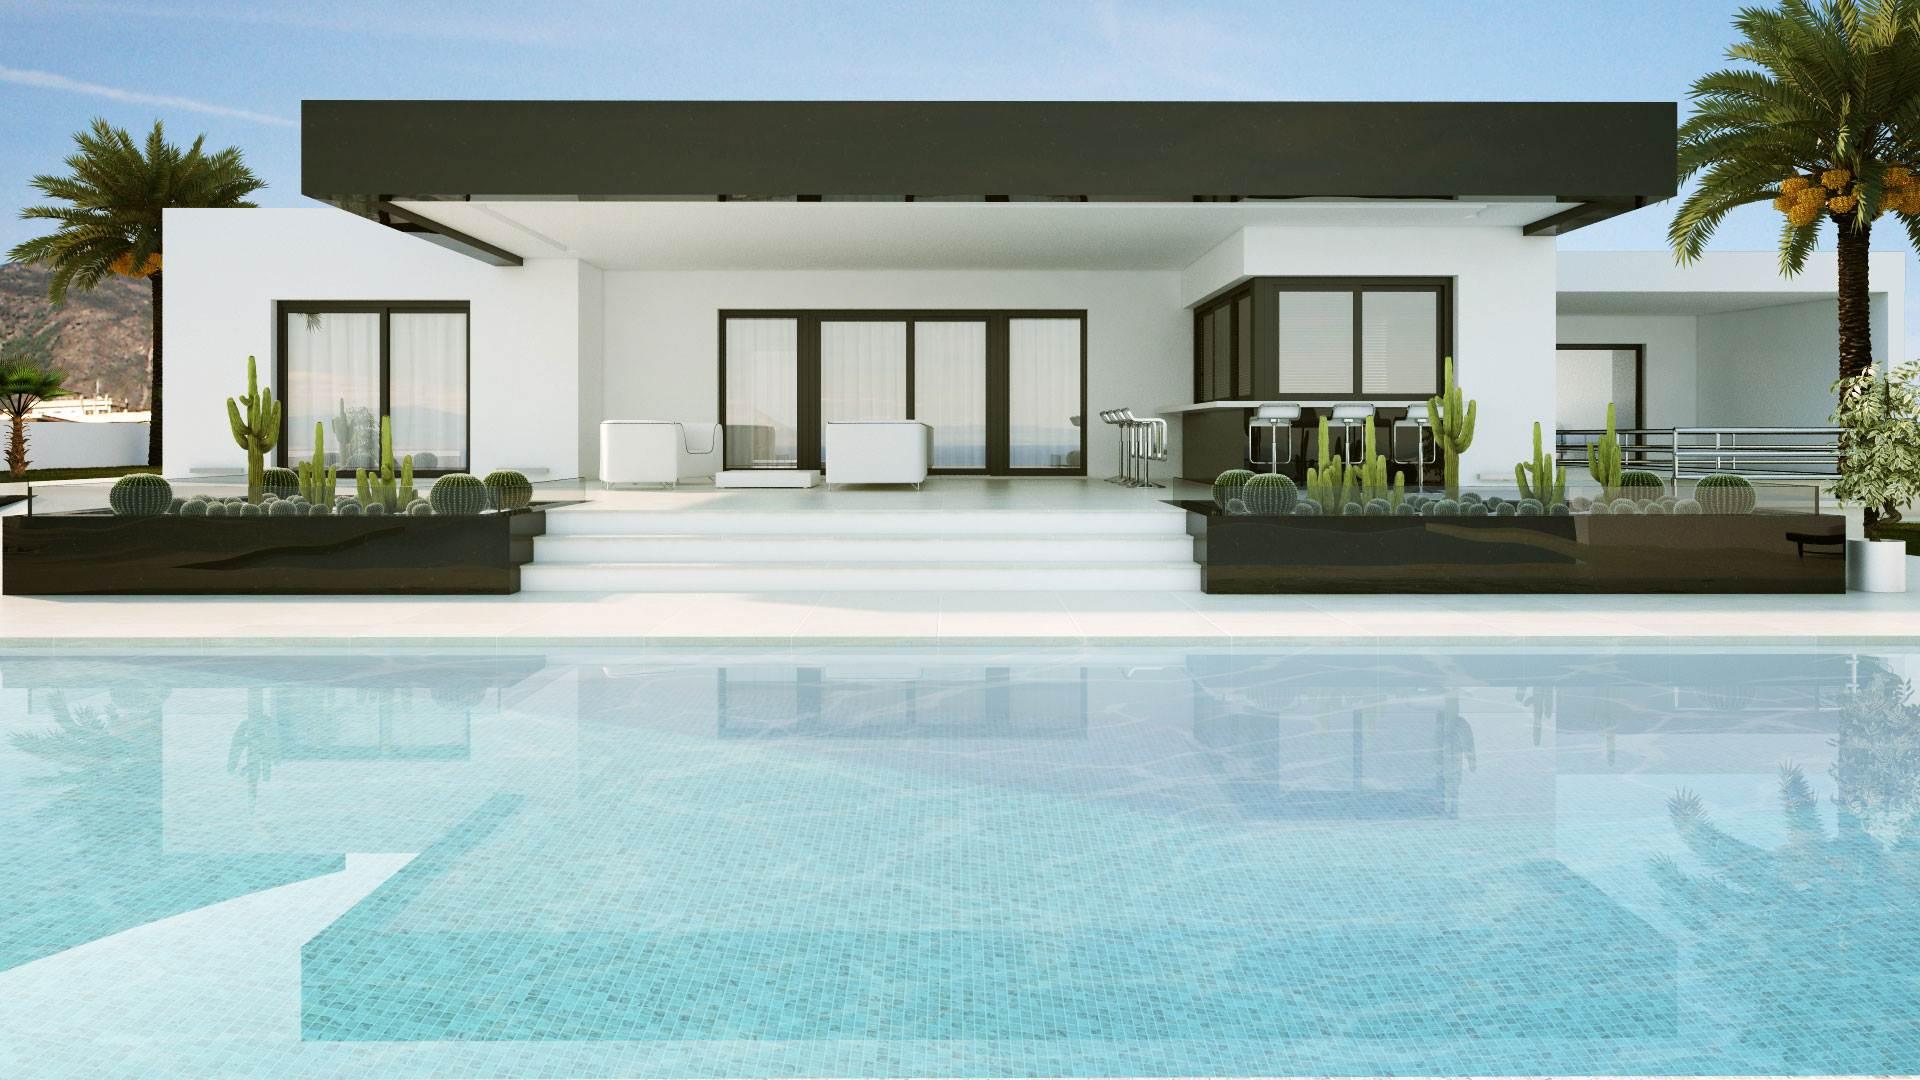 Mhc constructions 5 casas modernas for Frentes de casas modernas planta baja